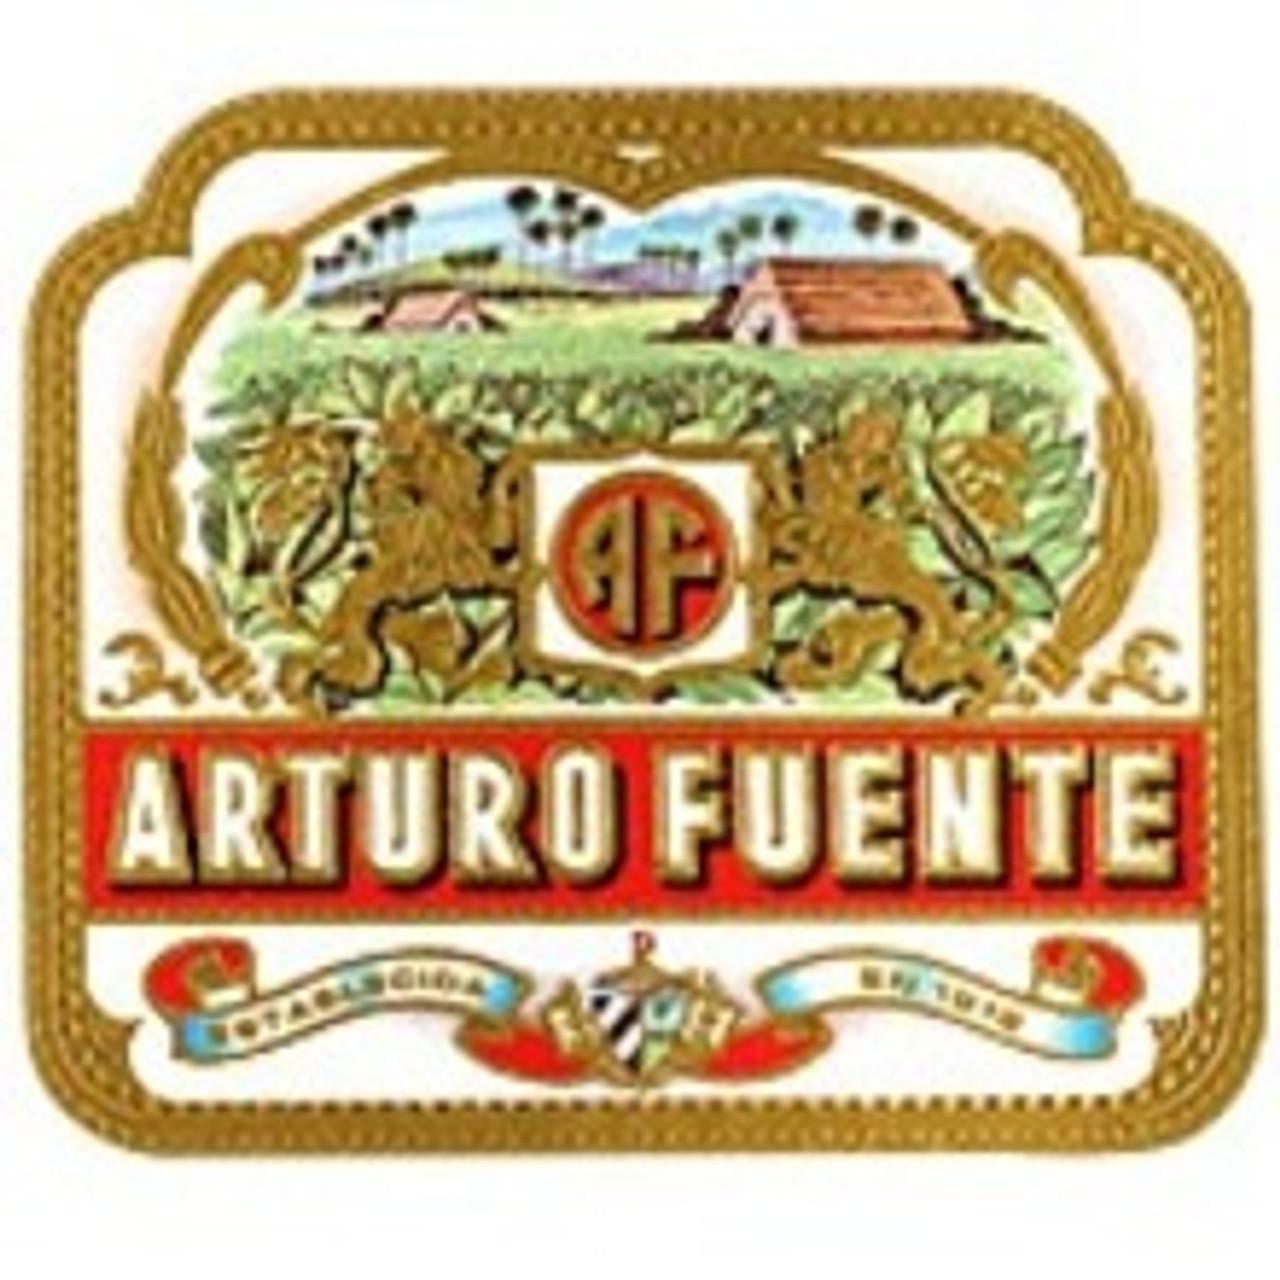 Arturo Fuente Don Carlos No. 3 Cigars - 5 1/2 x 44 (Box of 25)